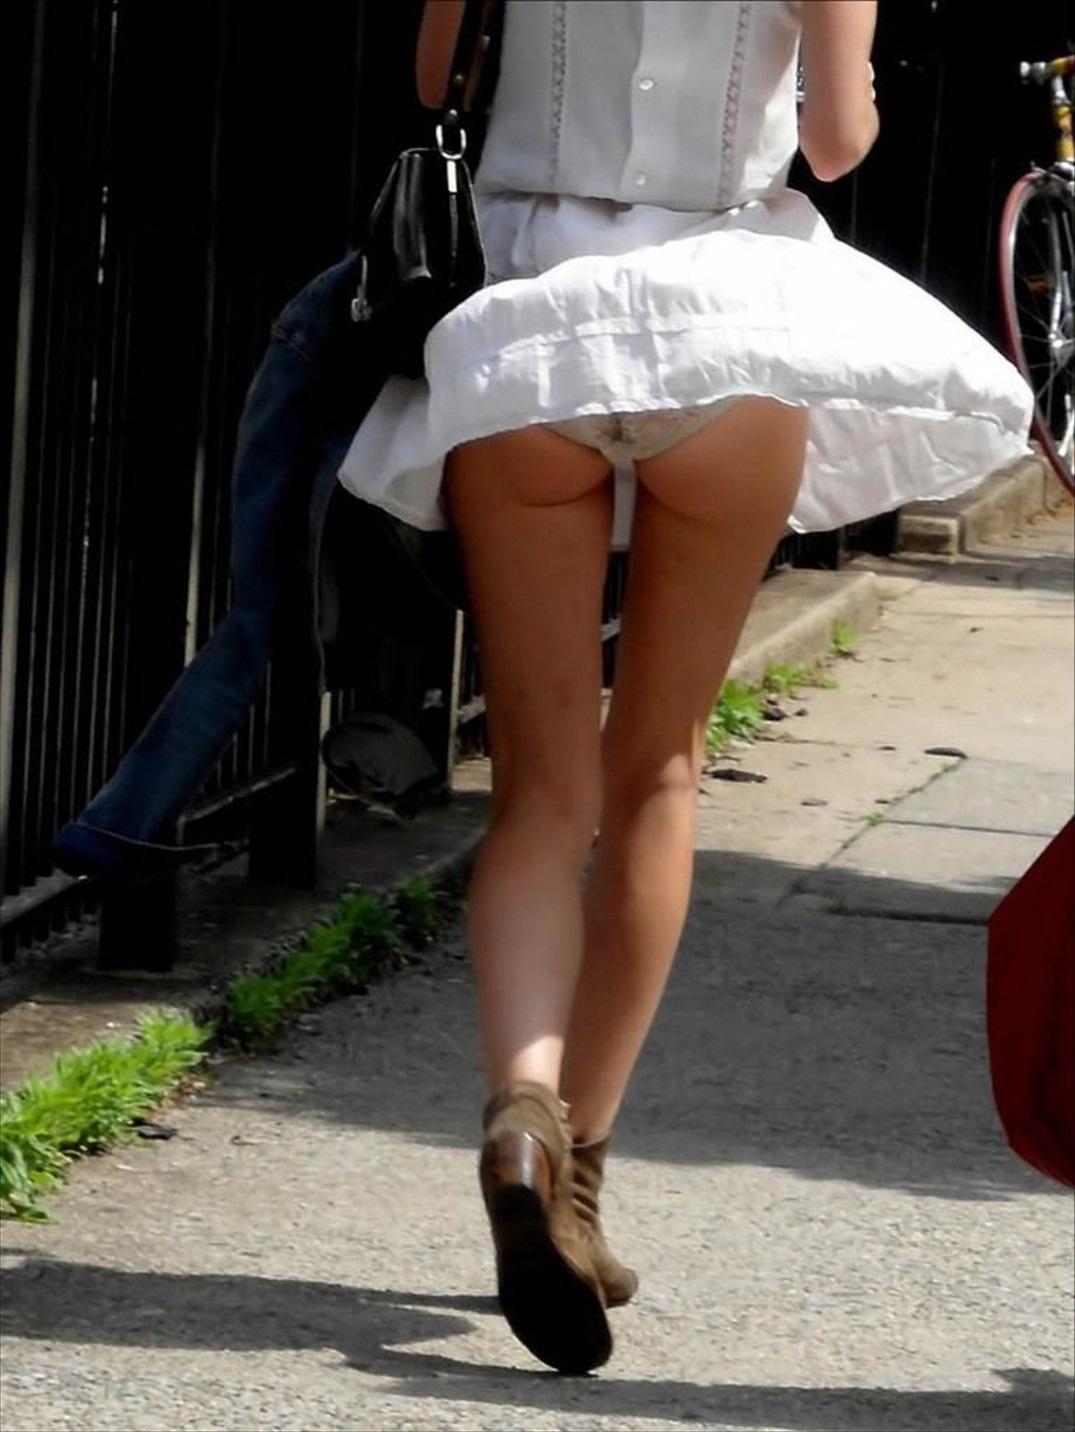 風の勢いでスカート舞い上がりパンツと尻肉!